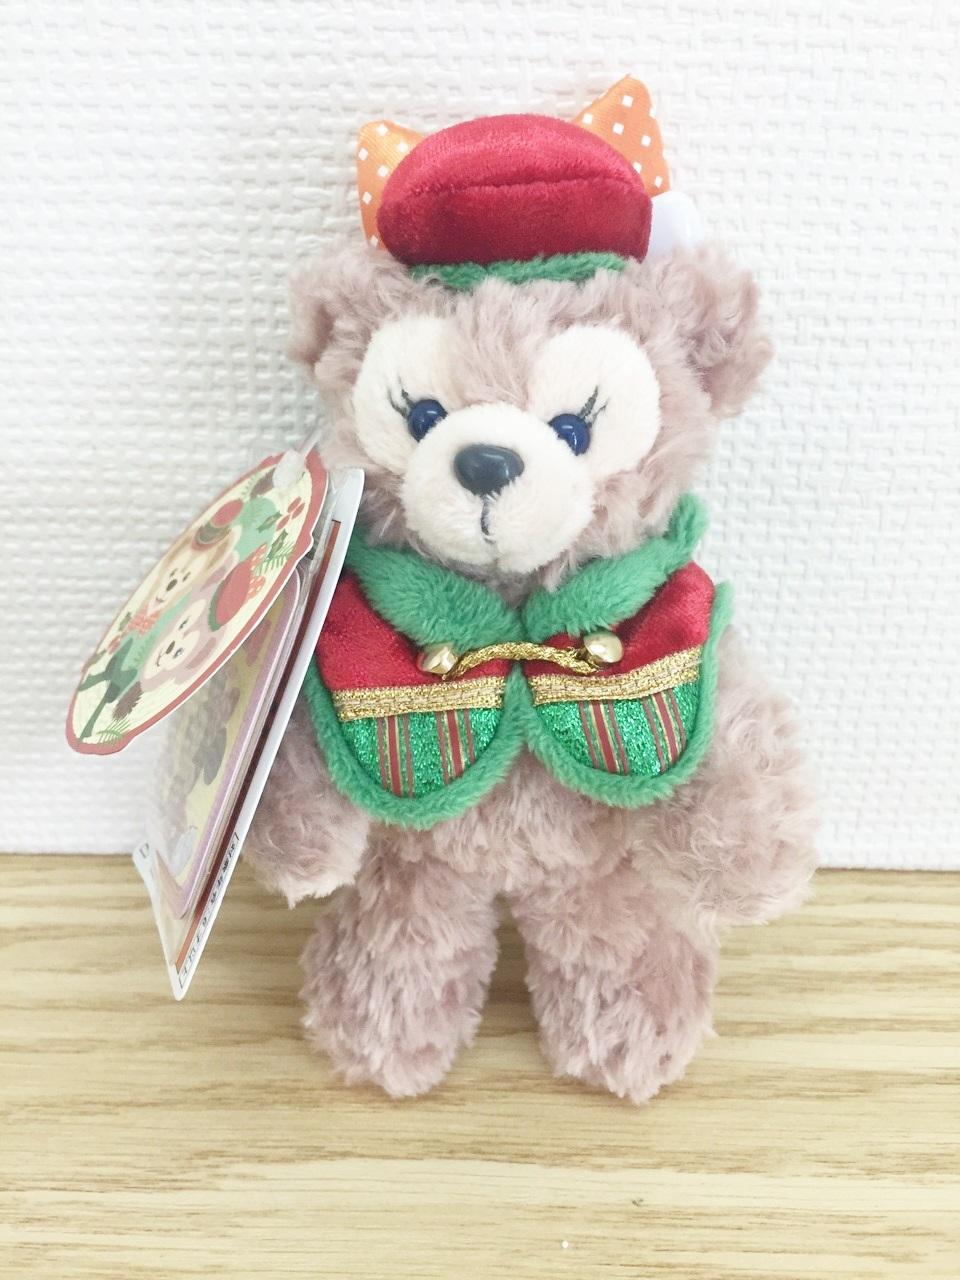 【真愛日本】15111800043 聖誕節限定特別版雪莉玫站姿別針吊飾 Duffy&ShellieMay 吊飾 鎖圈